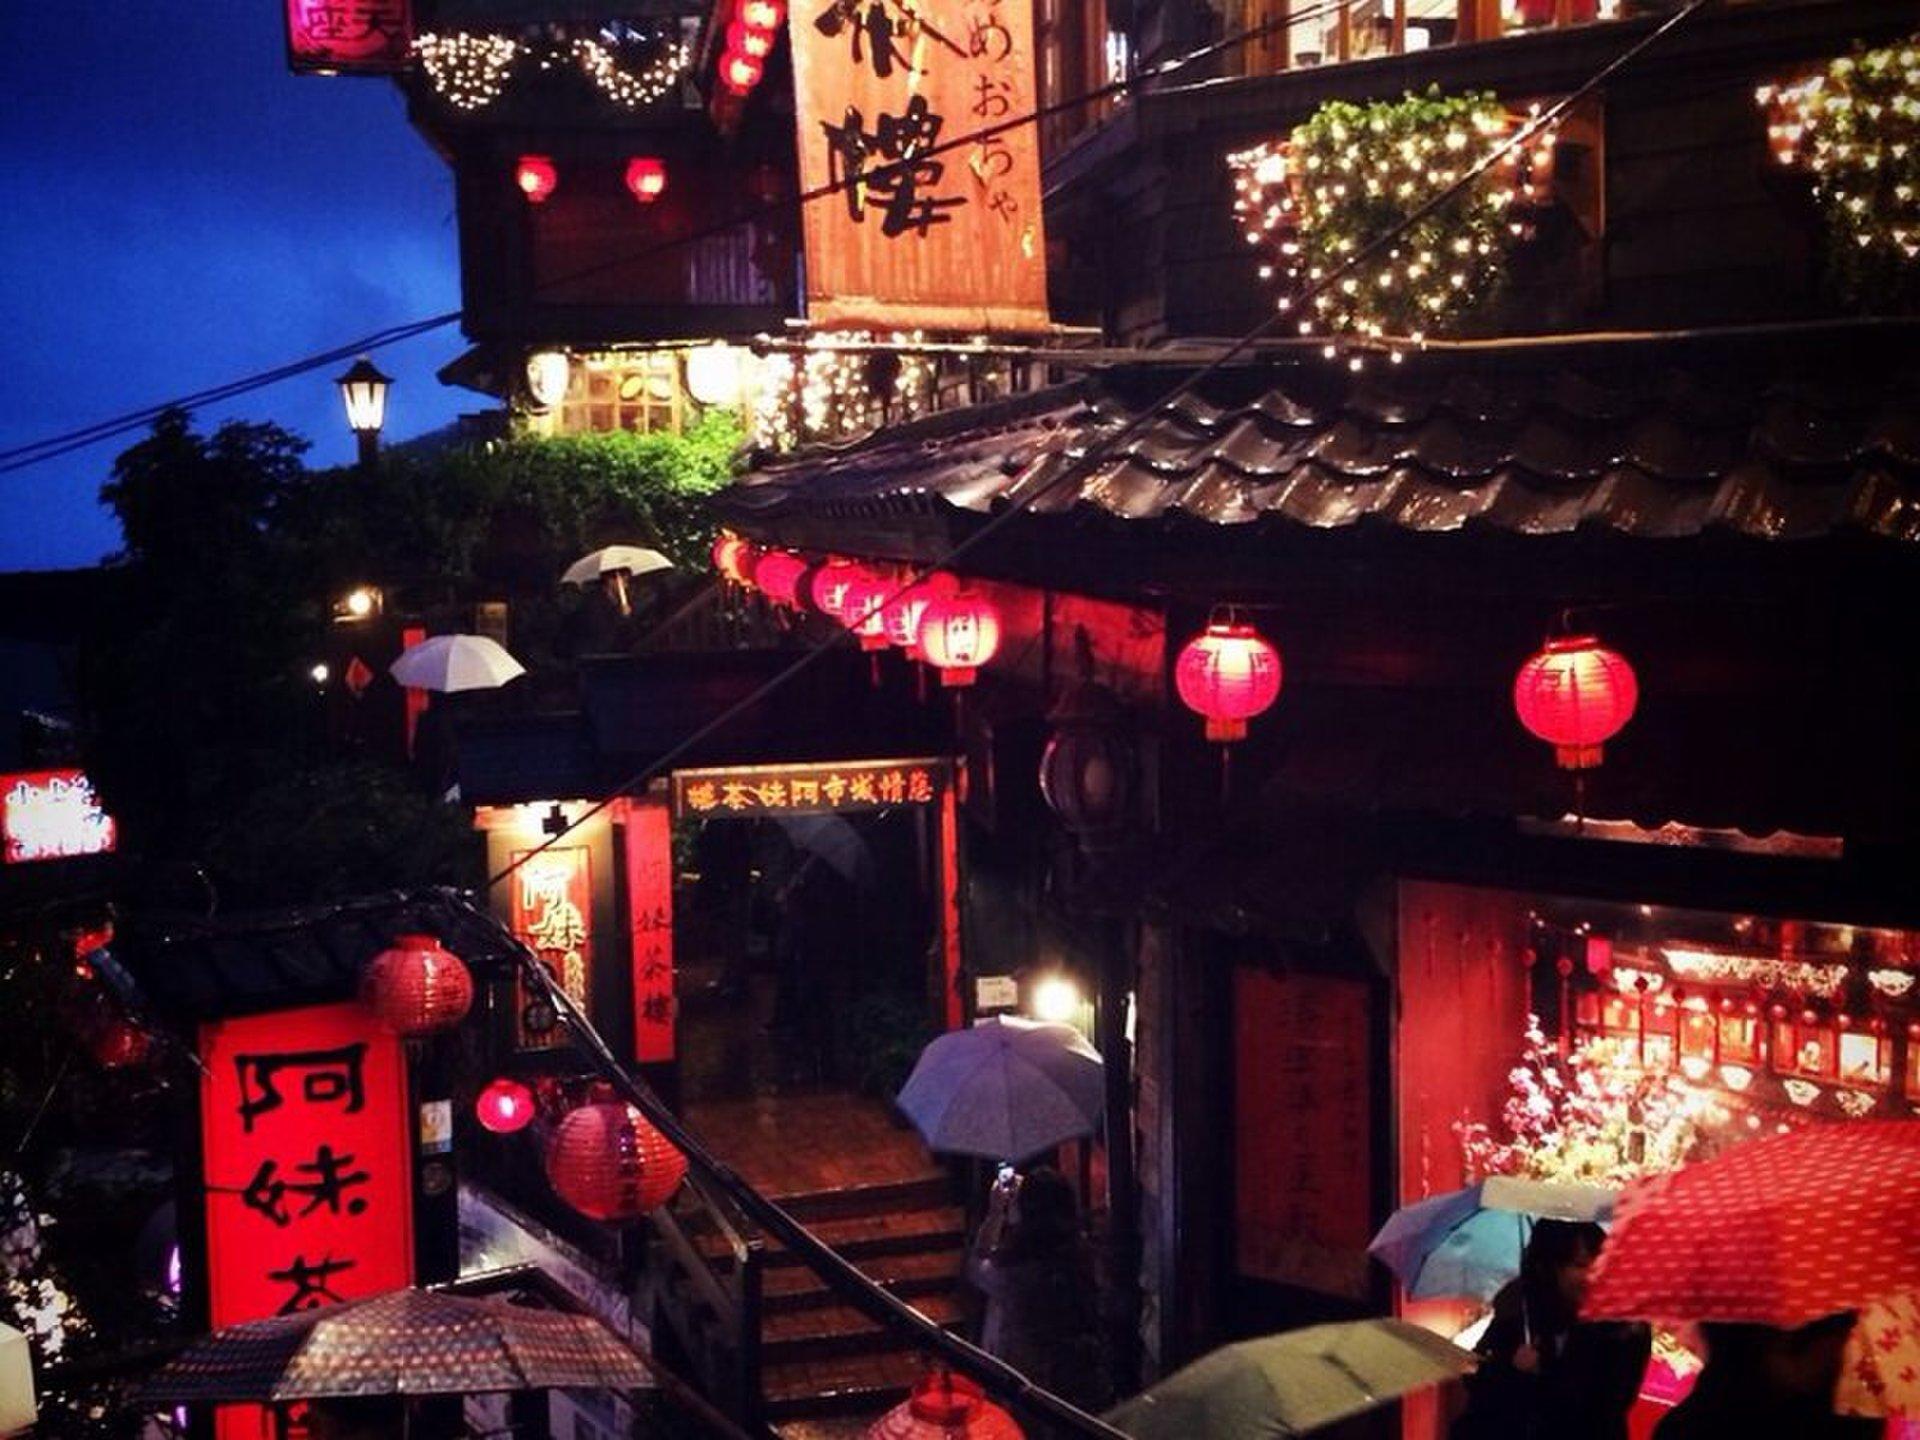 【海外】台湾旅行で訪れたいおすすめ人気観光スポット3選【台北101・士林・九份】